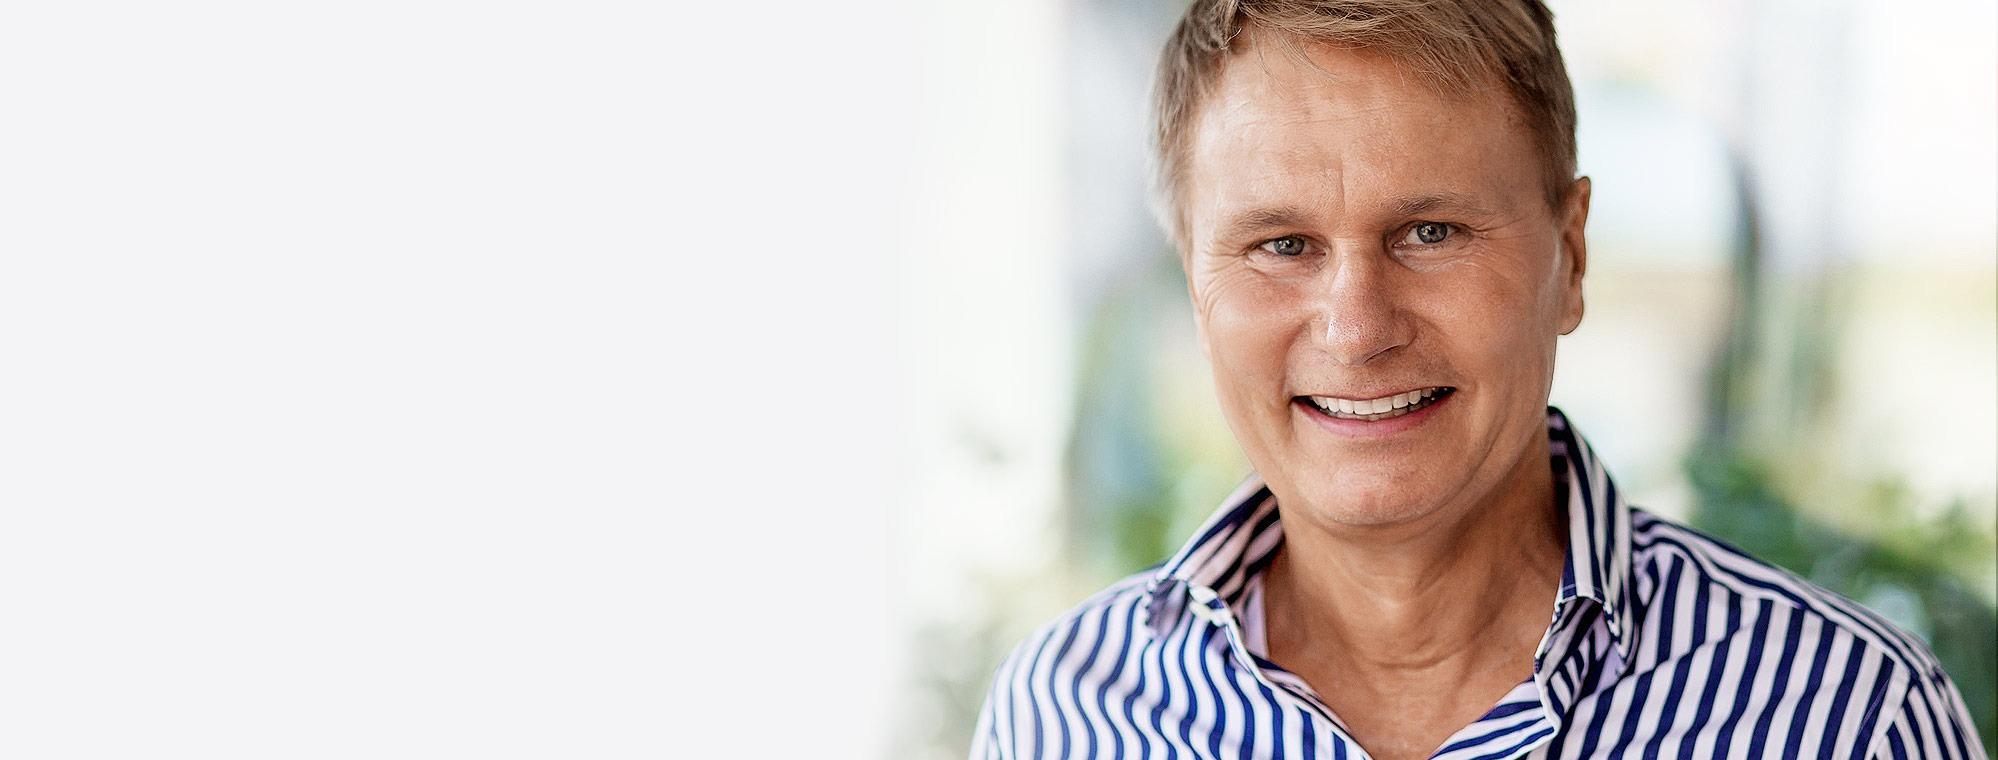 Zahnarzt Hennef Dr. Andreas Bialluch